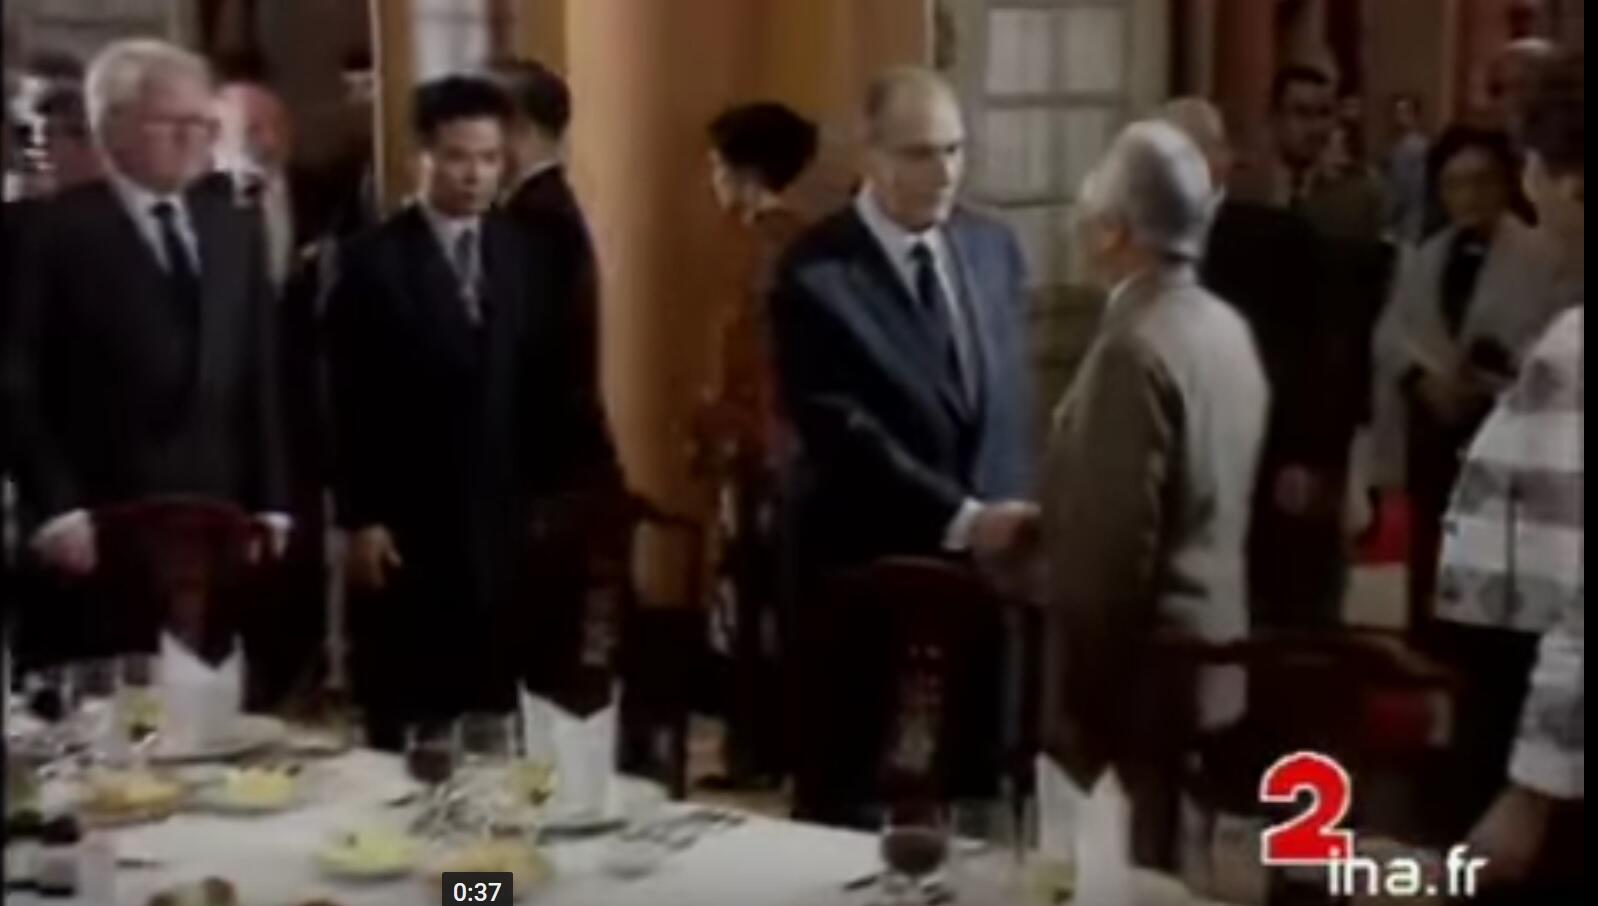 Tổng thống Pháp François Mitterrand và đại tướng Việt Nam Võ Nguyên Giáp tại Hà Nội, năm 1993. Ảnh chụp màn hình kênh 2, đài truyền hình Pháp.